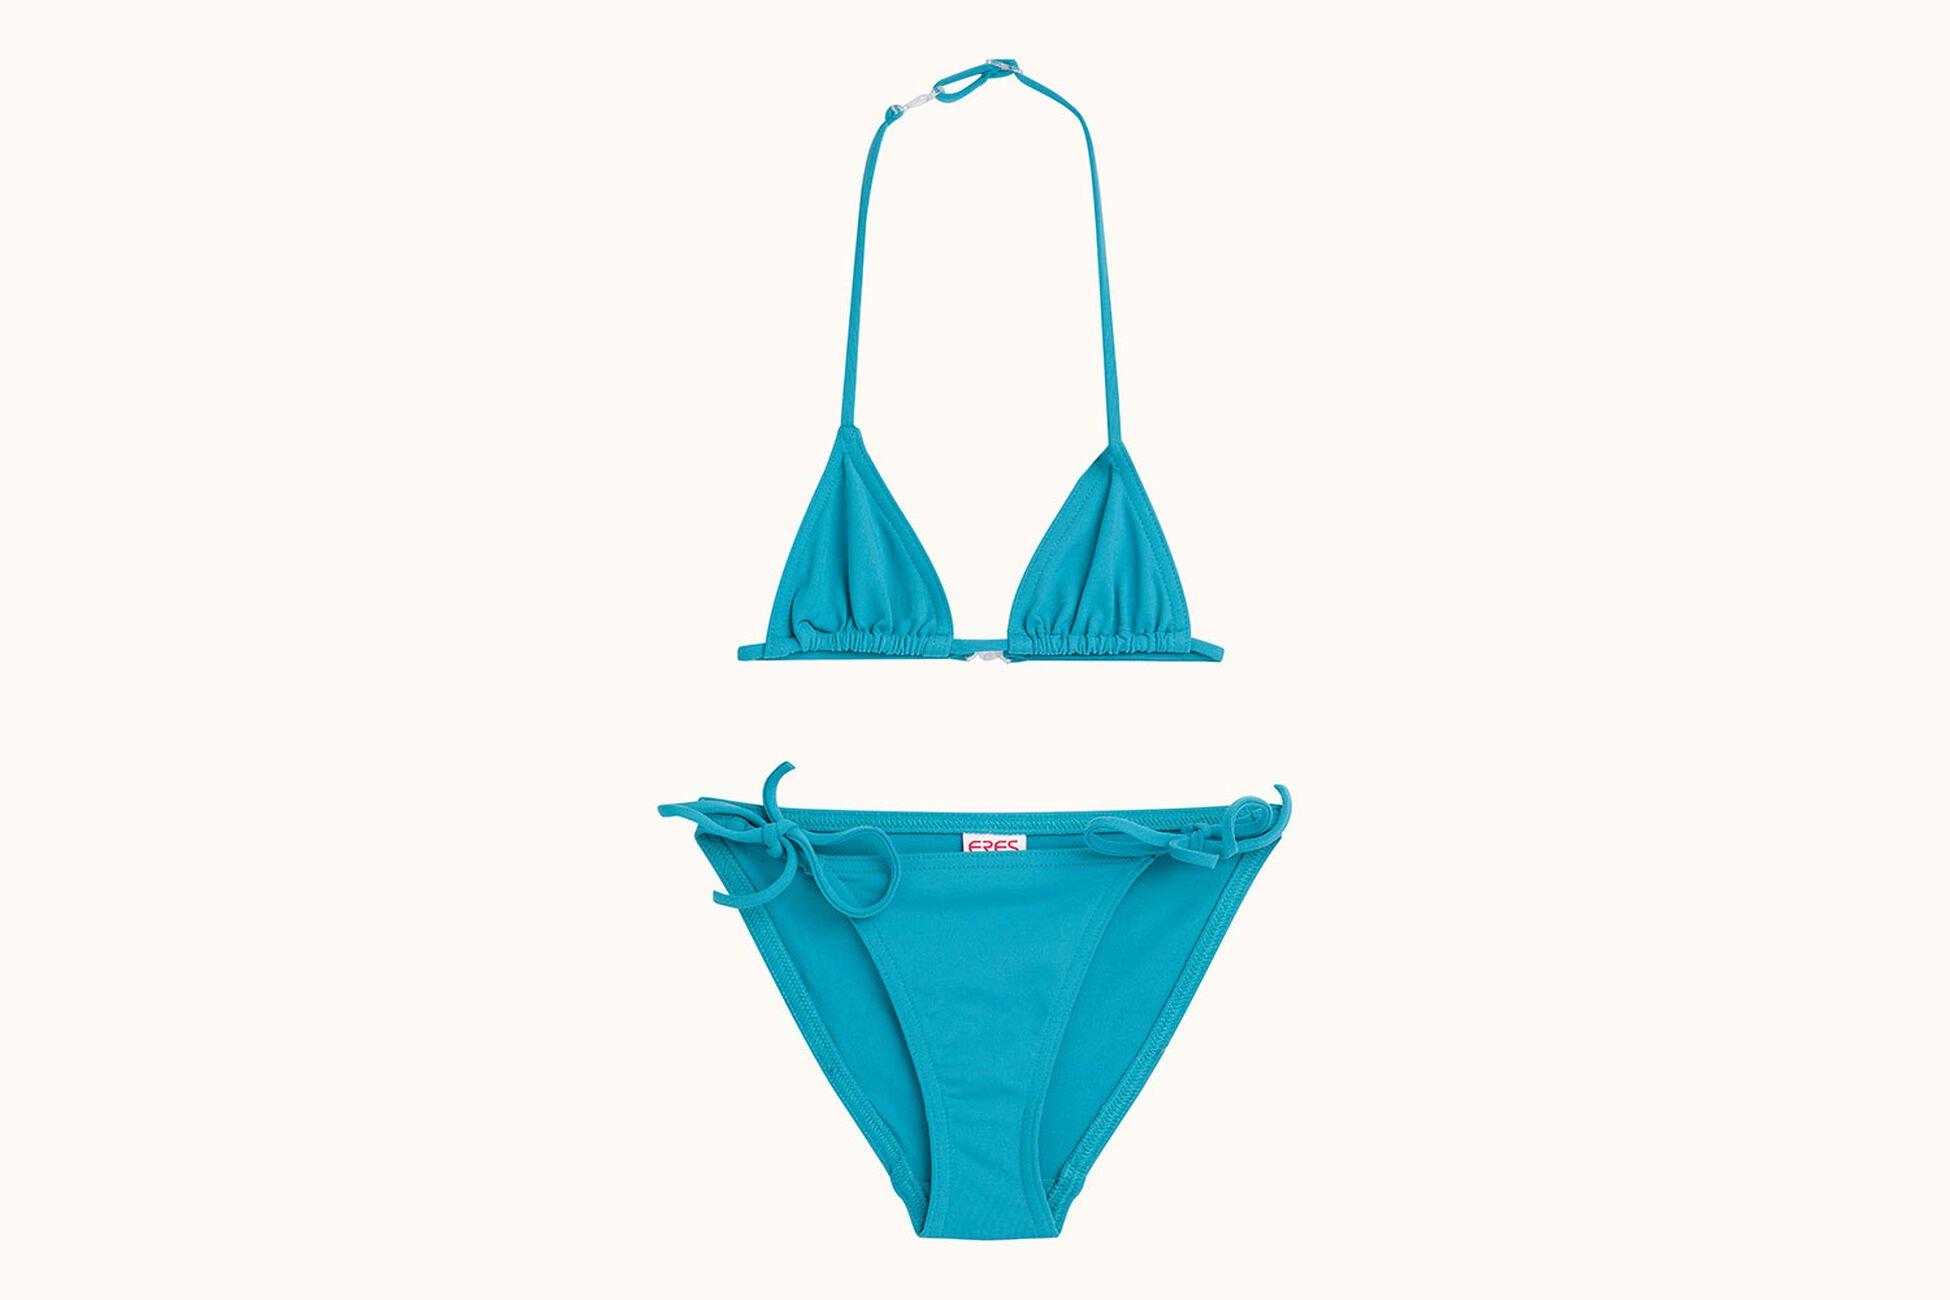 Mouna Malou de niña Conjunto de bikini triángulo Vista estándar NaN